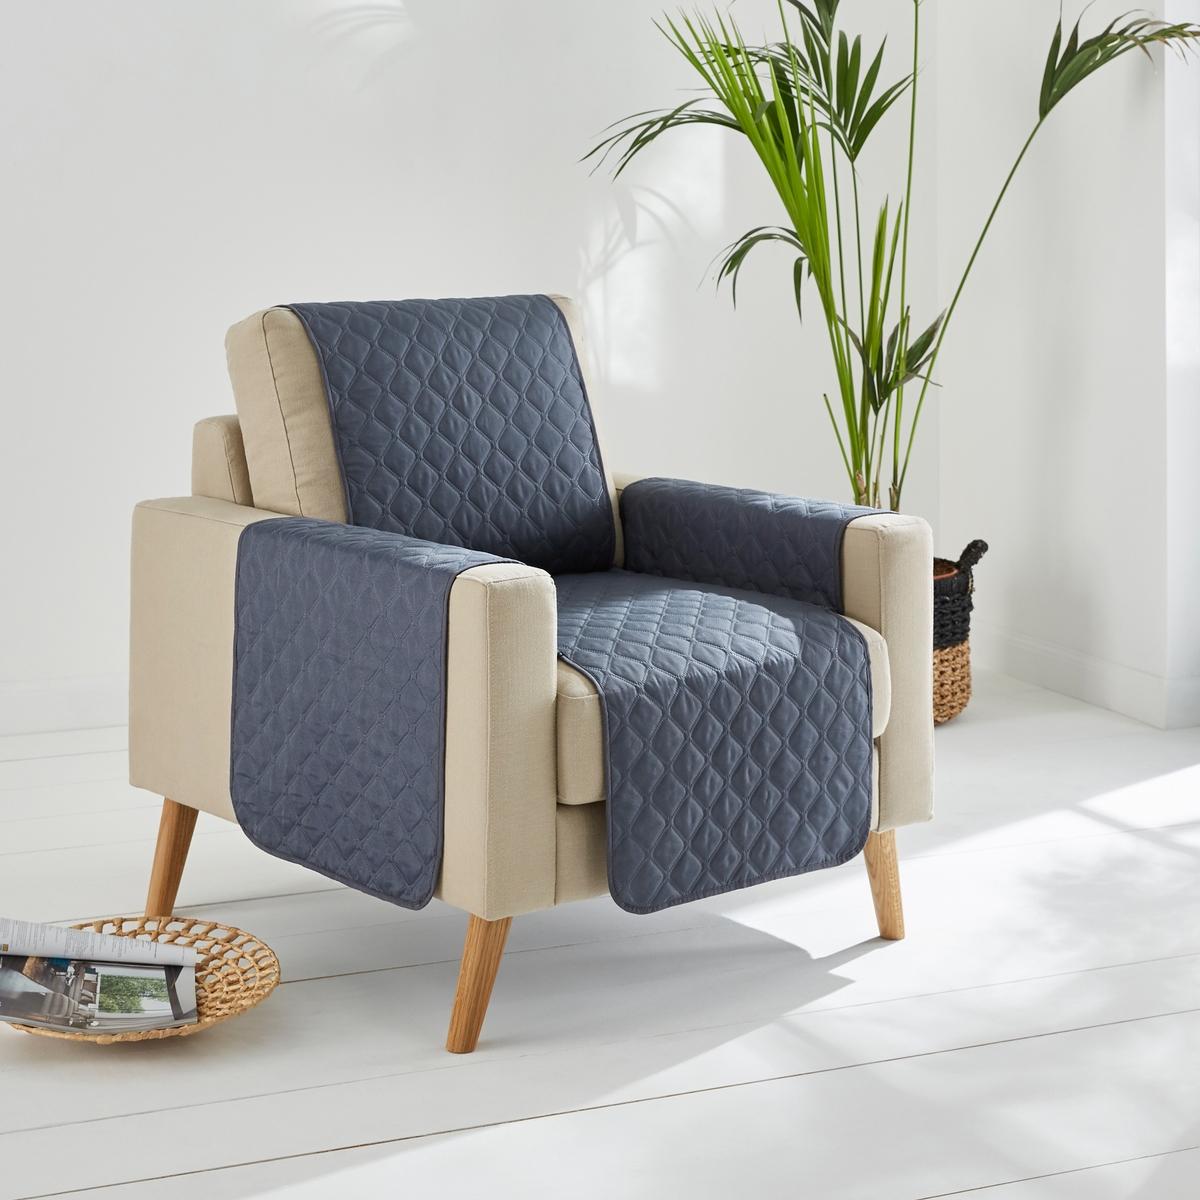 Чехол защитный для кресла или дивана, OraldaДвухцветный чехол защитный для кресла или дивана, микрофибра 100% полиэстера.Состав и описание :Материал : микрофибра 100% полиэстера (70 г/м?). Наполнитель100% полиэстера (150 г/м?).Отделка : Кант в 1 см.Уход: : Машинная стирка при 60 °CЗнак Oeko-Tex® гарантирует, что товары прошли проверку и были изготовлены без применения вредных для здоровья человека веществ.Наши чехлы для кресел и диванов ищите на нашем сайте laredoute.ru.ruРазмеры : Длина : 200 см.Ширина сиденья 1-мест. 50 см - 2-мест. 100 см - 3-мест. 150 см<br><br>Цвет: антрацит/светло-серый,серо-коричневый/ бежевый<br>Размер: 3 местн.